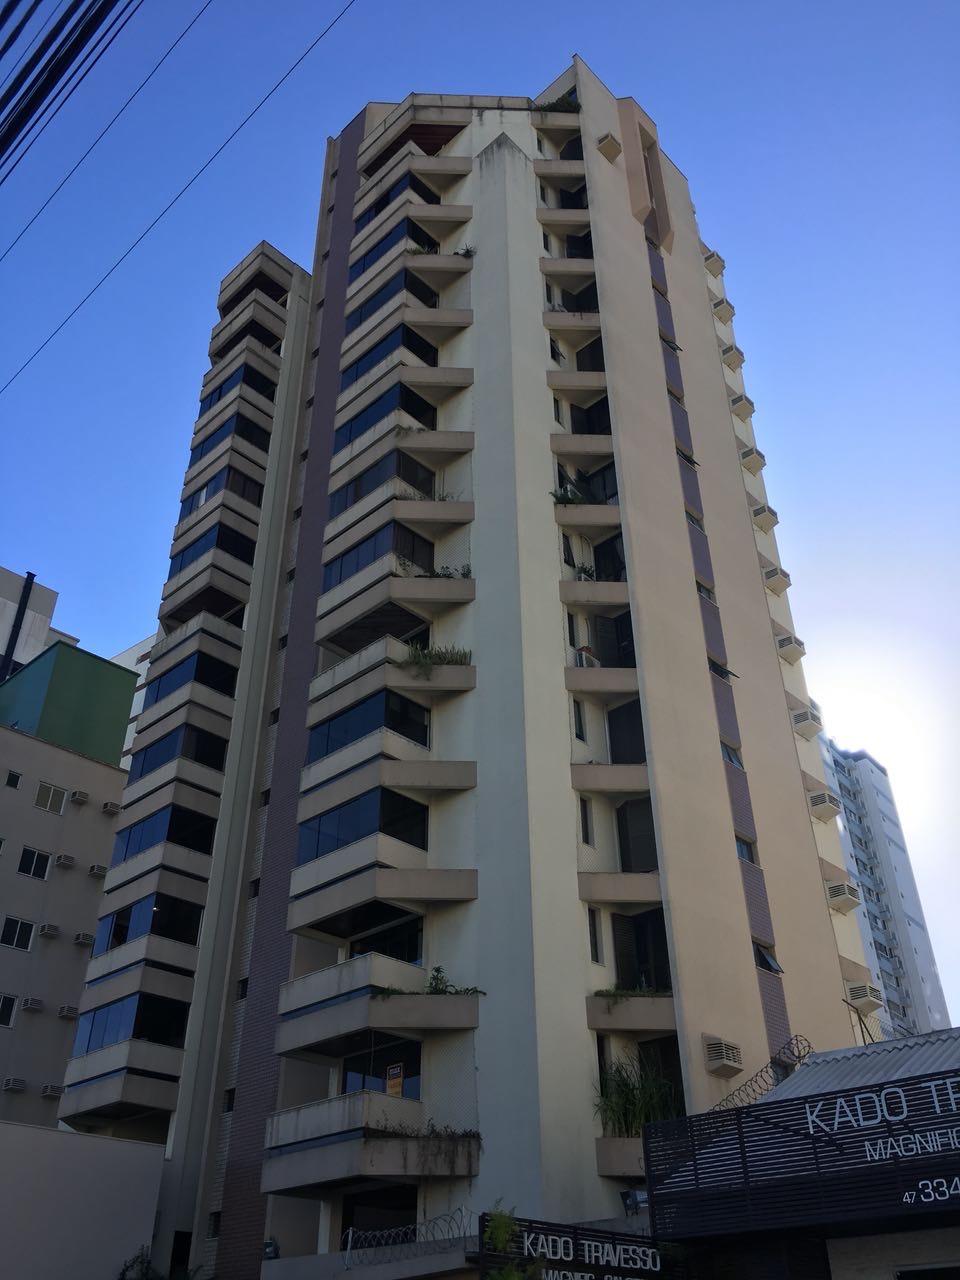 Apartamento no centro de Itajaí com 3 quartos, Itajaí